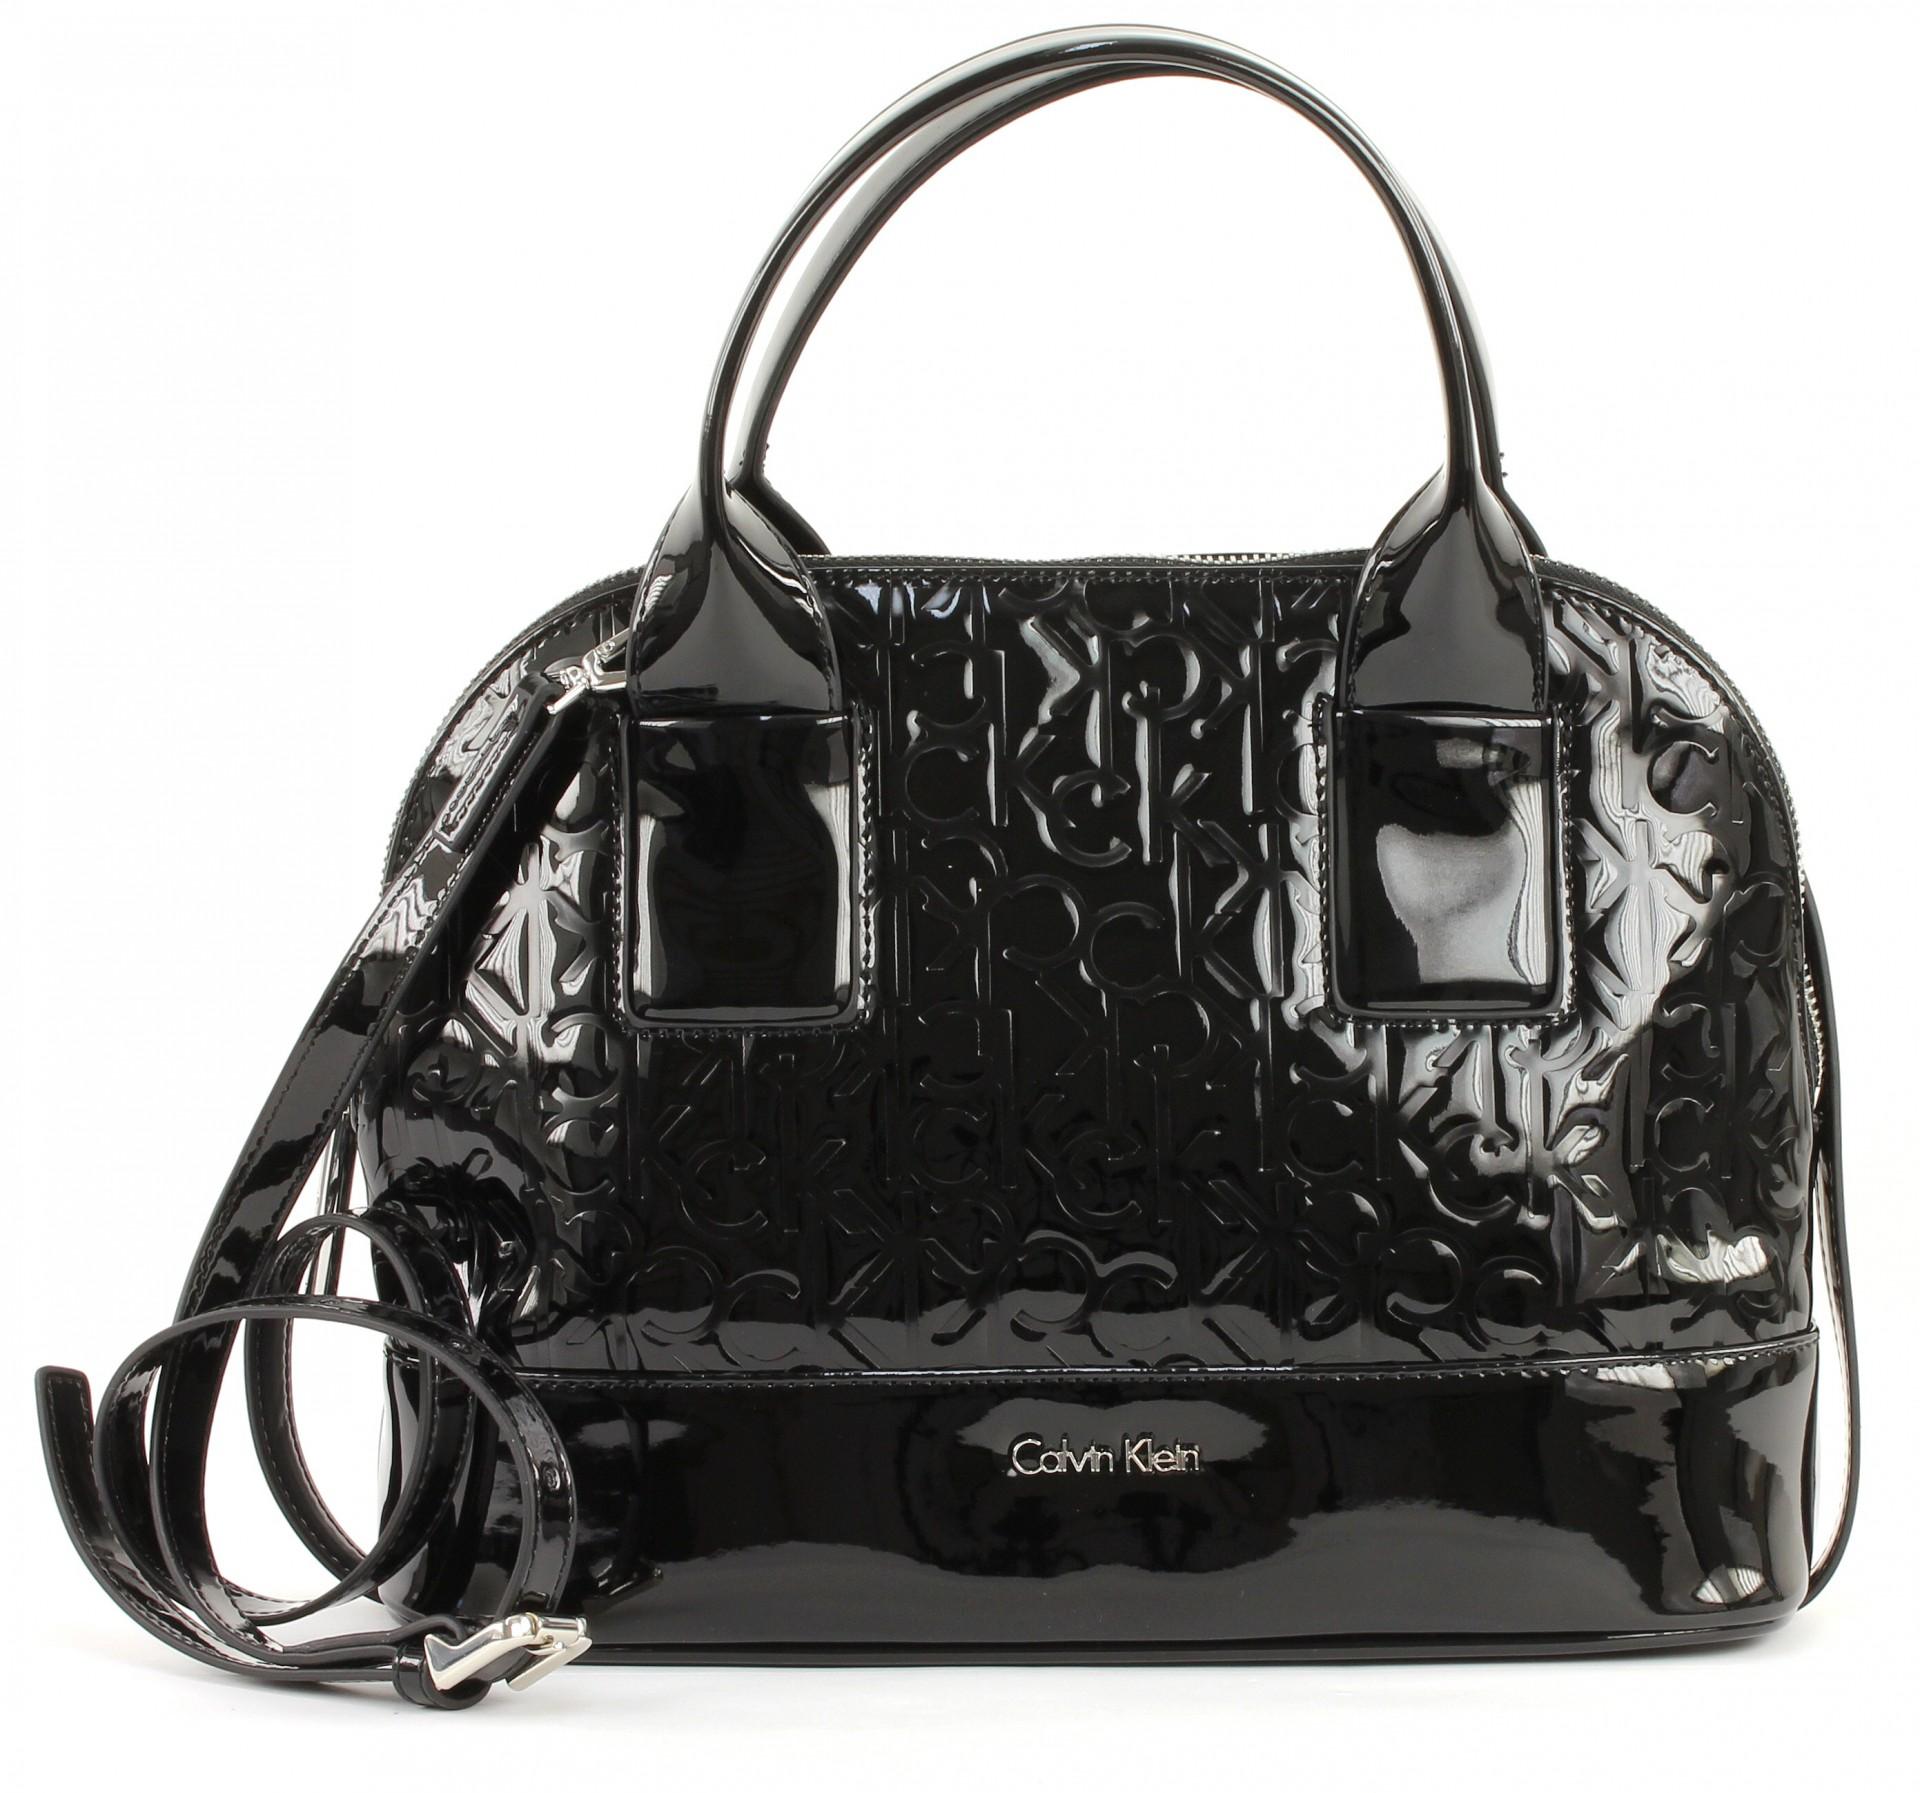 calvin klein maggie small satchel bag handbag shoulder bag ladies black ebay. Black Bedroom Furniture Sets. Home Design Ideas